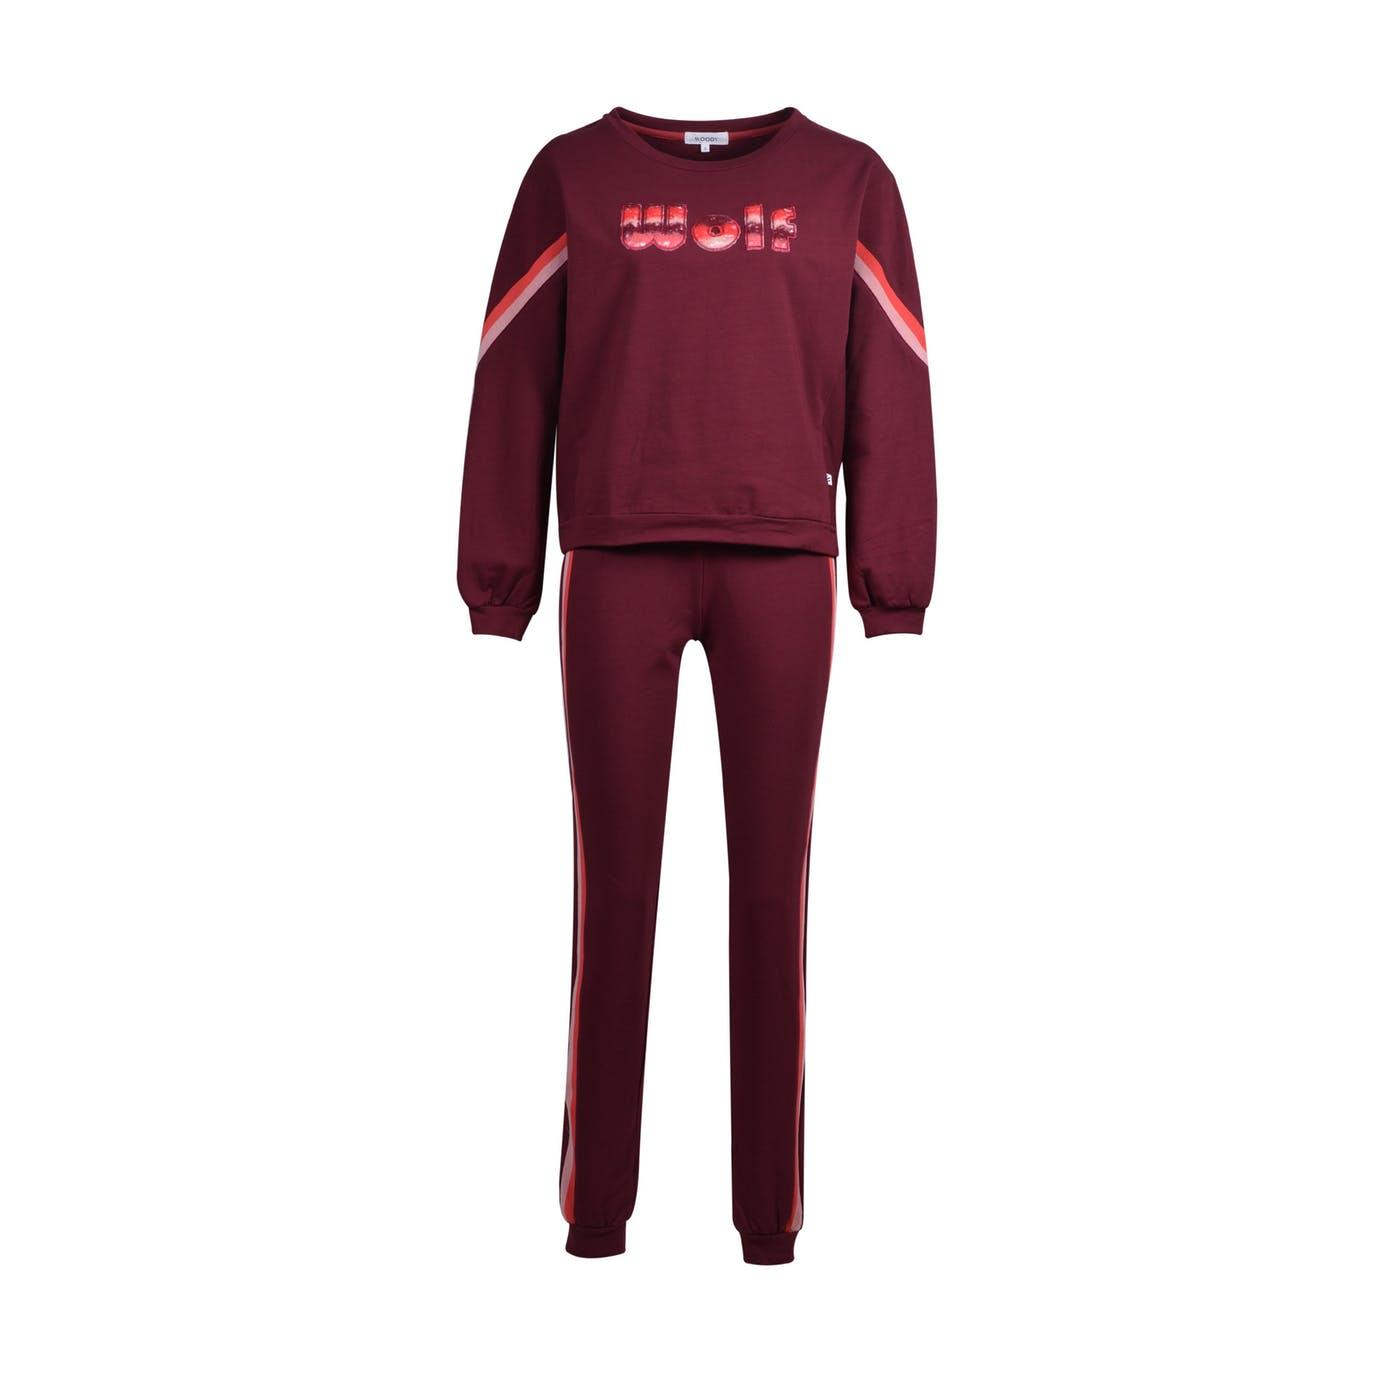 Woody Meisjes-Dames sweater en broek, bordeaux